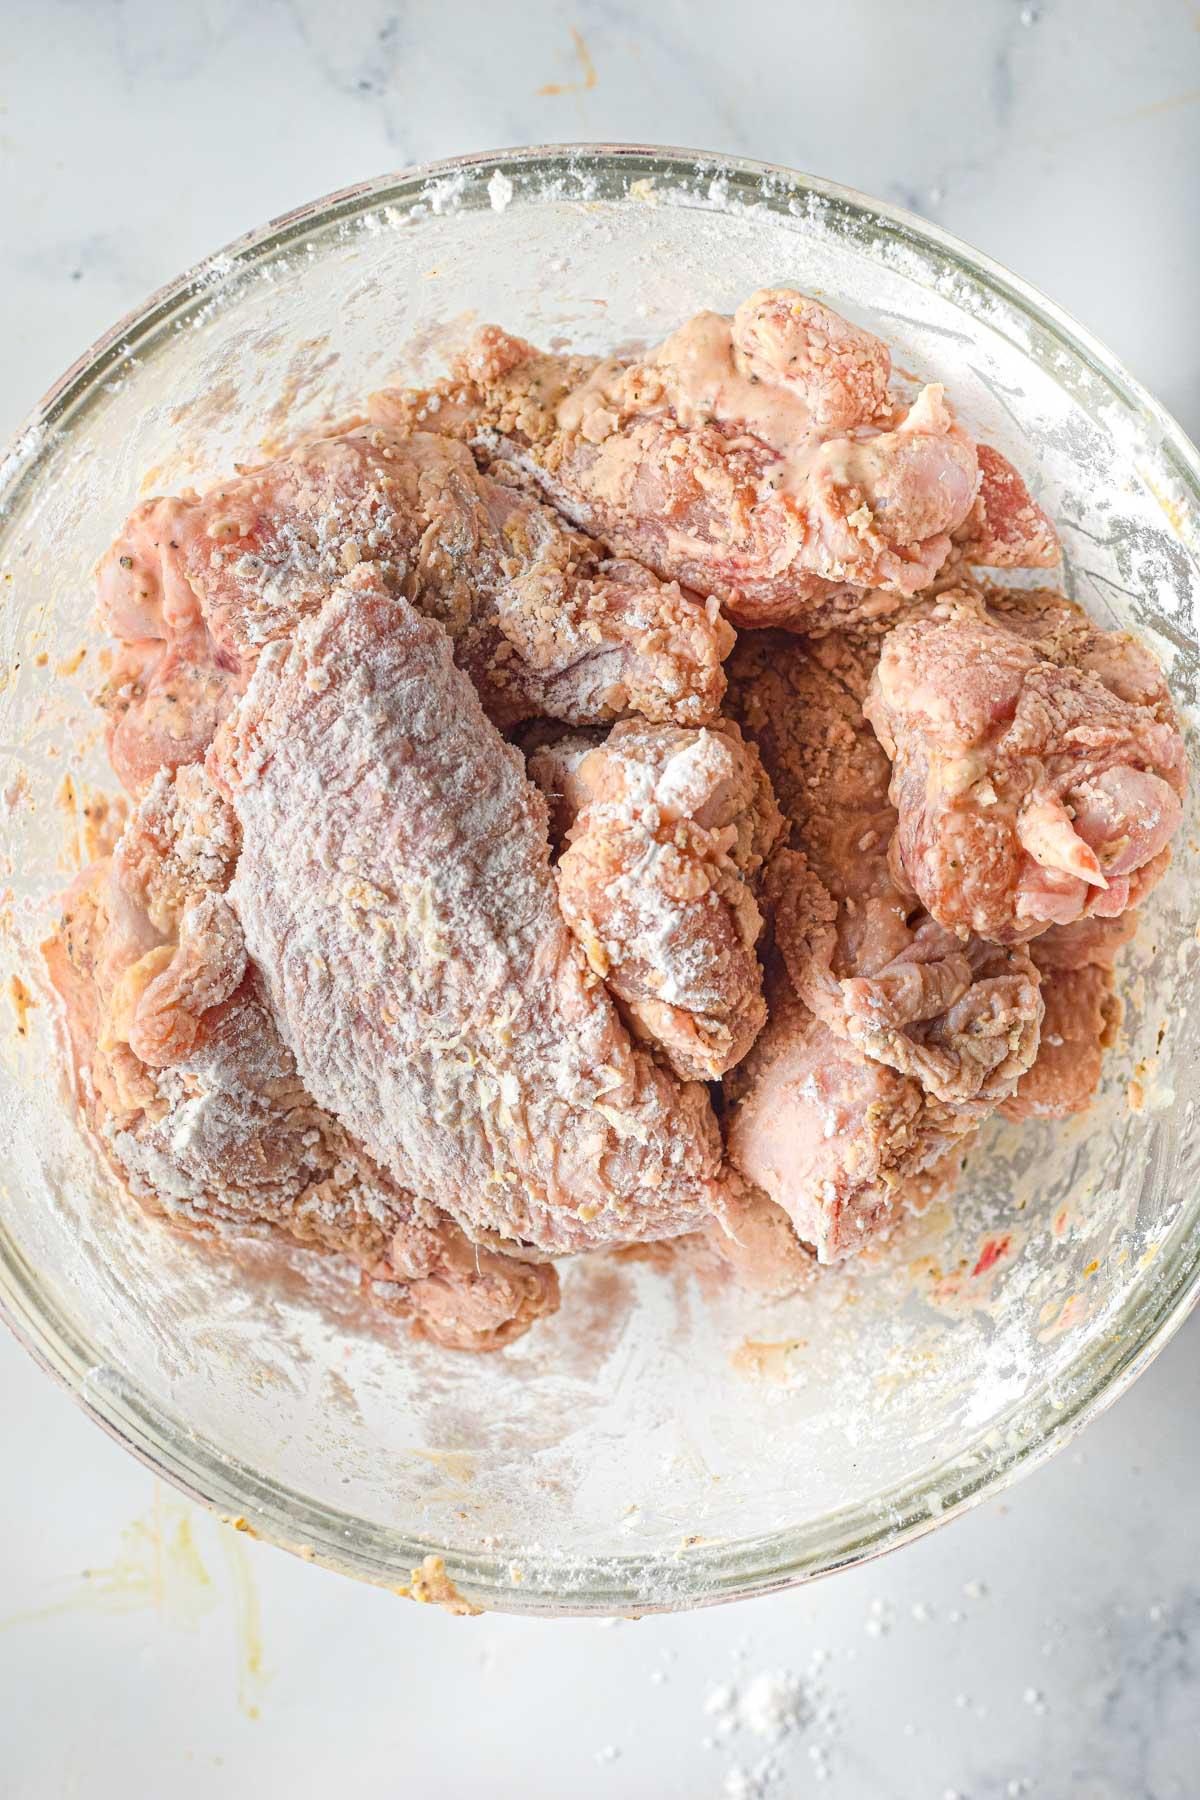 preparing chicken wings